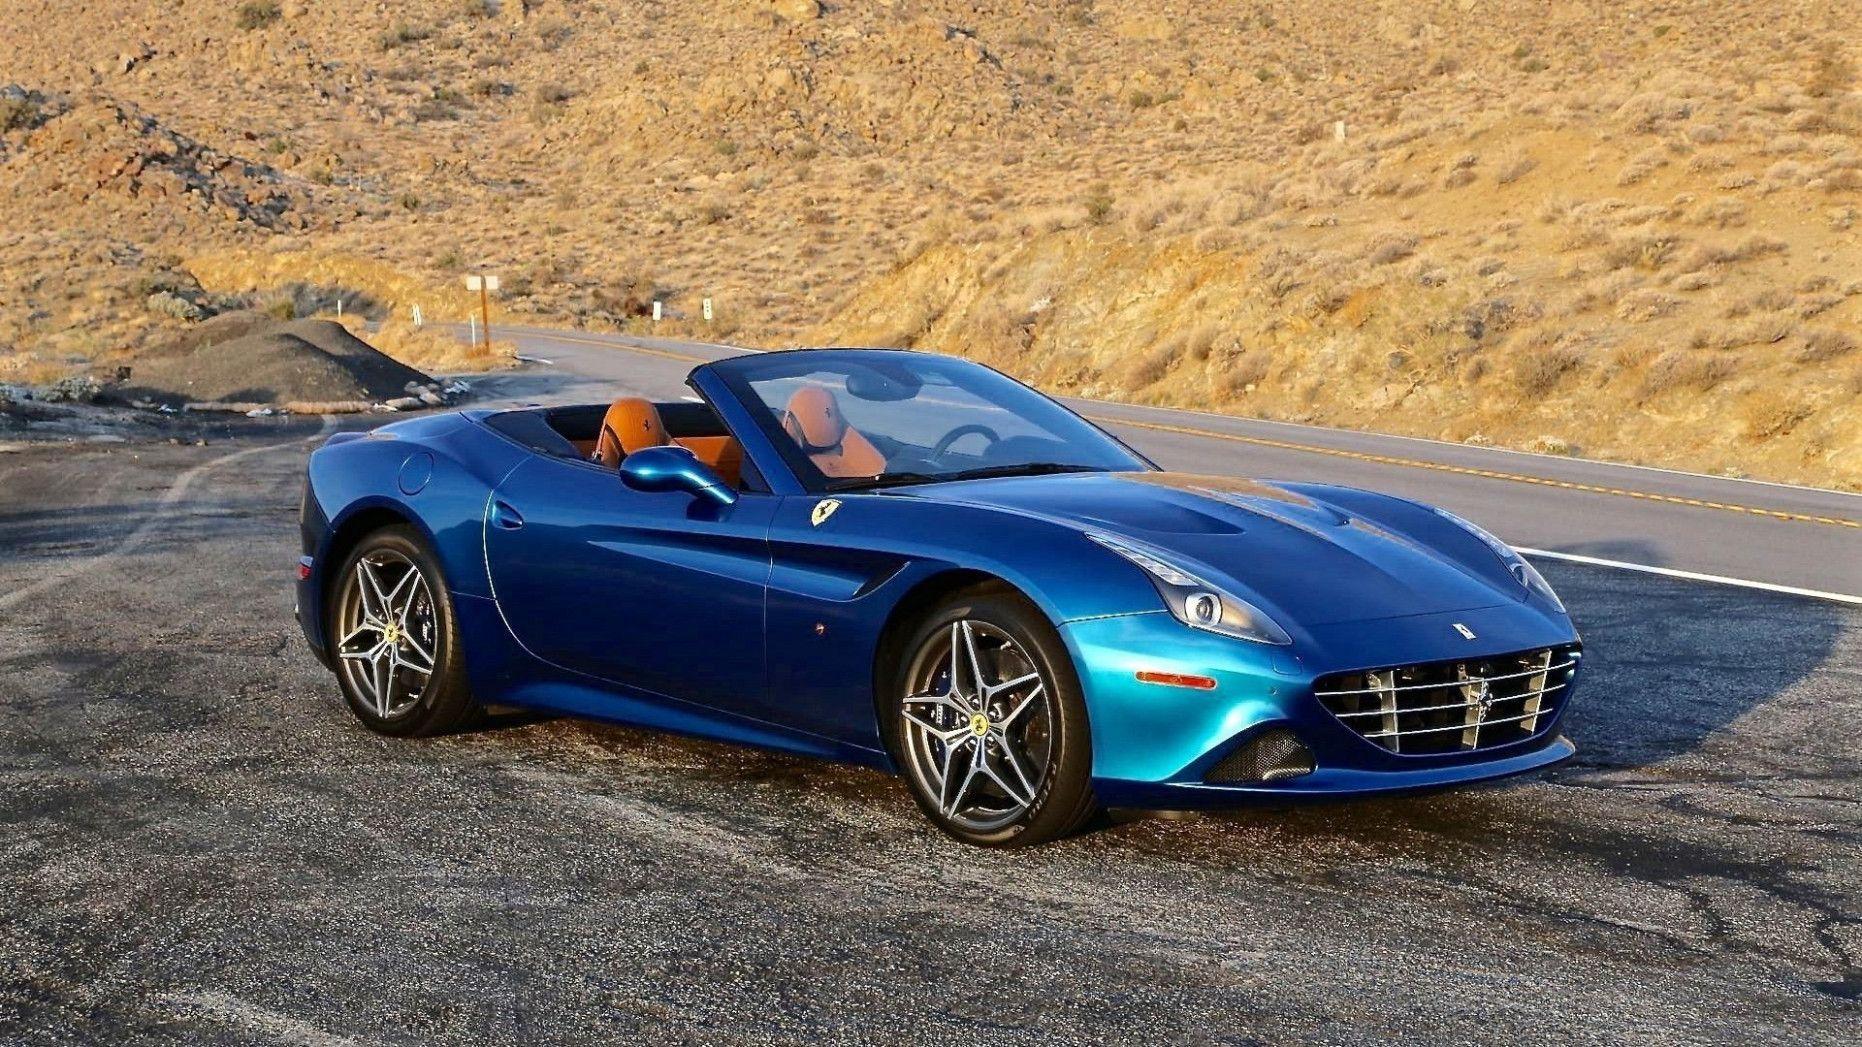 2020 Ferrari California T Price Exterior And Interior Ferrari California Ferrari California T Ferrari